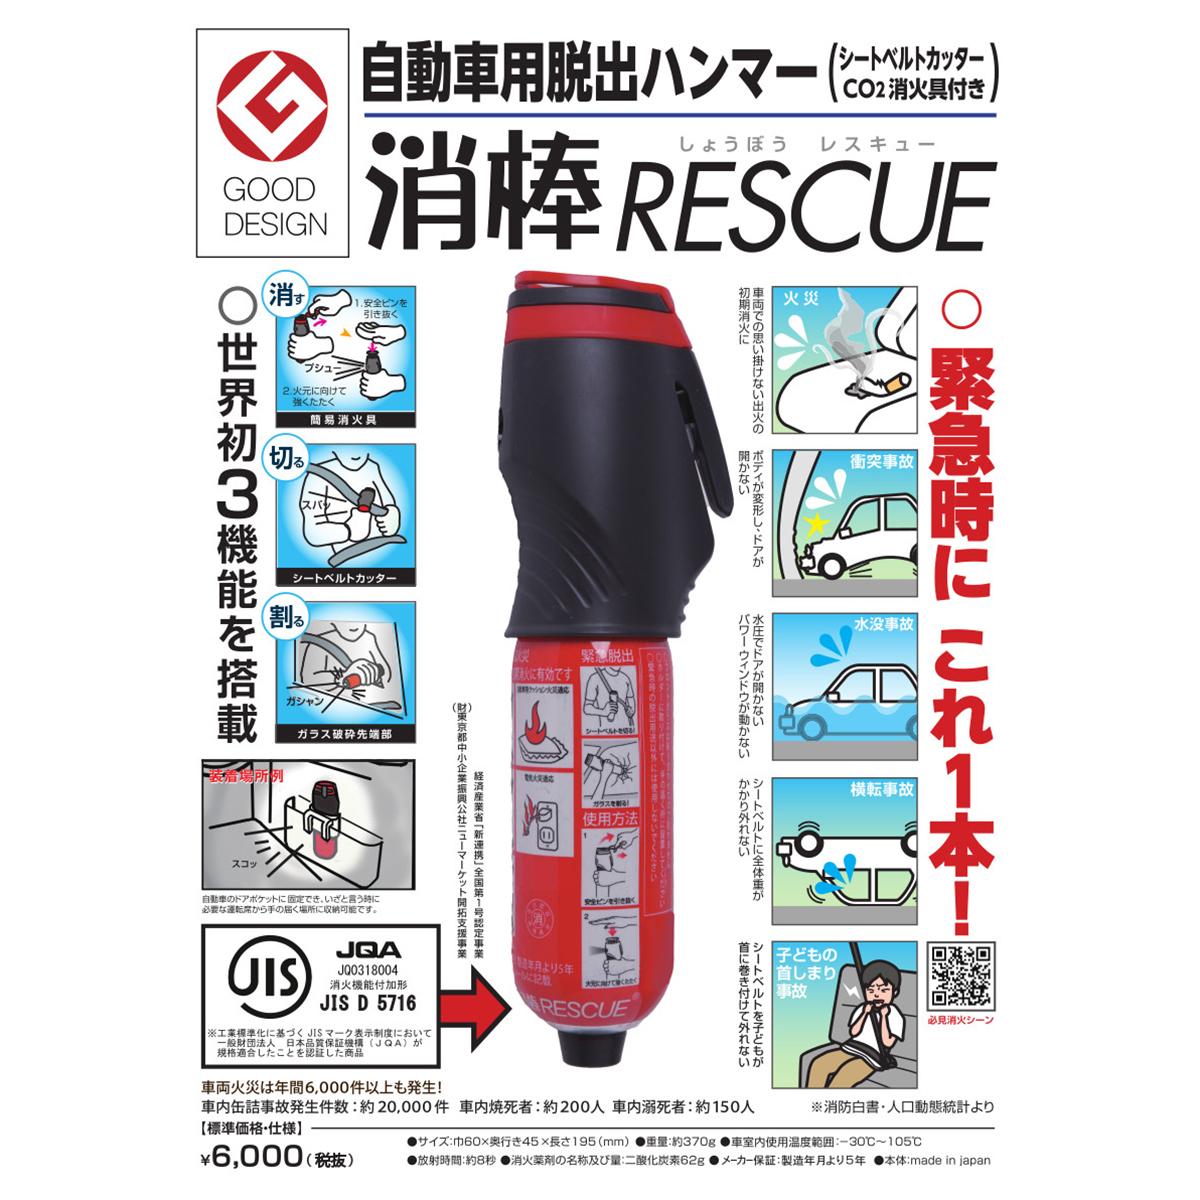 二酸化炭素式消火器 消棒Rescue